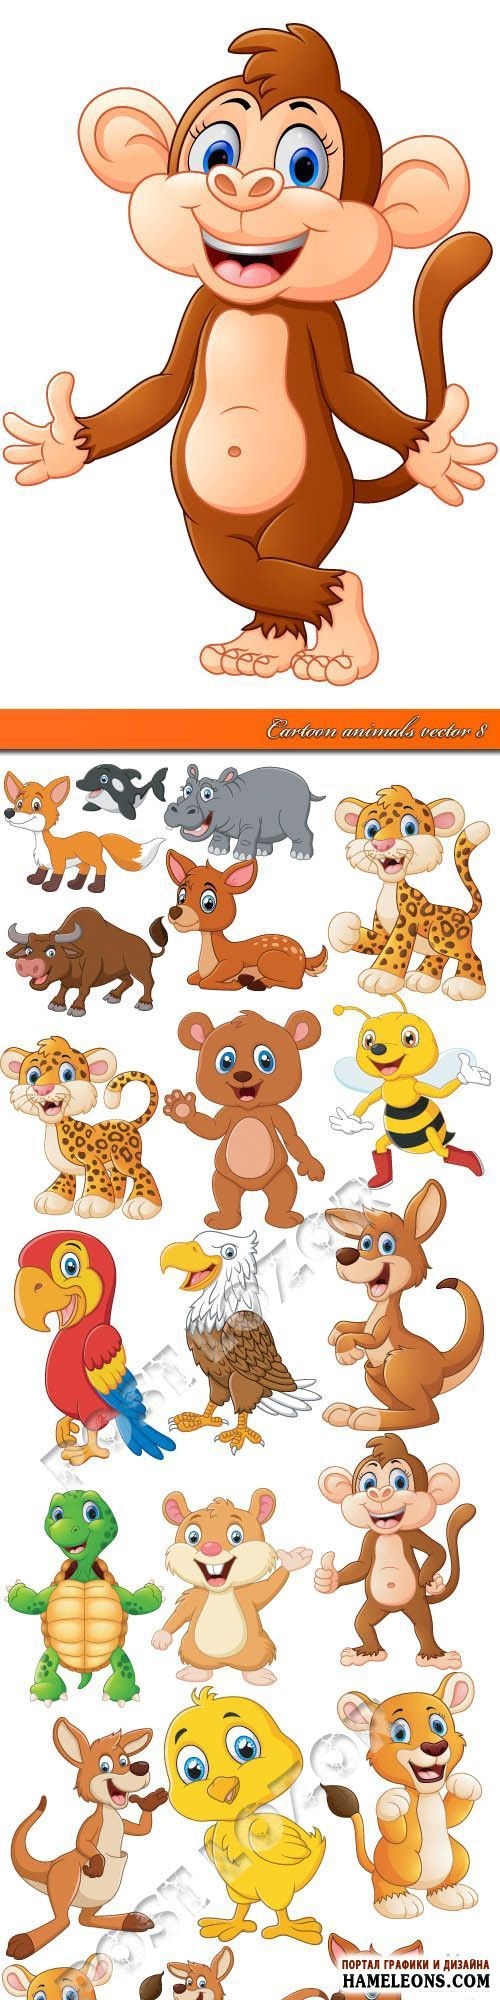 В векторе забавные мультяшные животные, птицы: обезьяна, бык, дельфин, олененок, пчела, попугай, черепаха, медведь, тигр, цыпленок | Cartoon animals vector